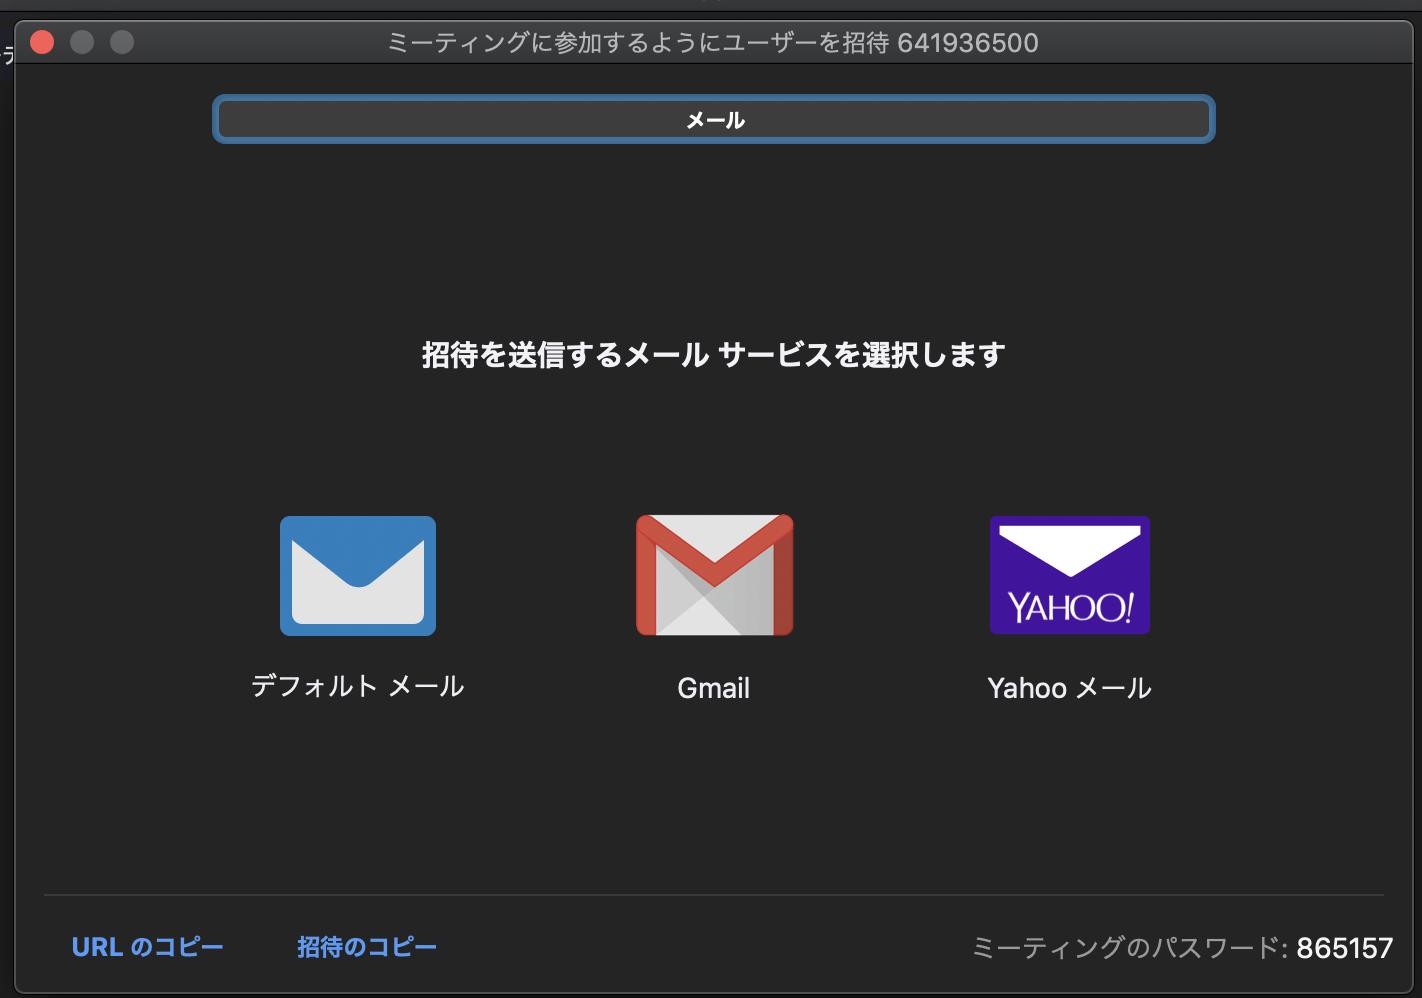 スクリーンショット 2020-03-01 11.25.55.png